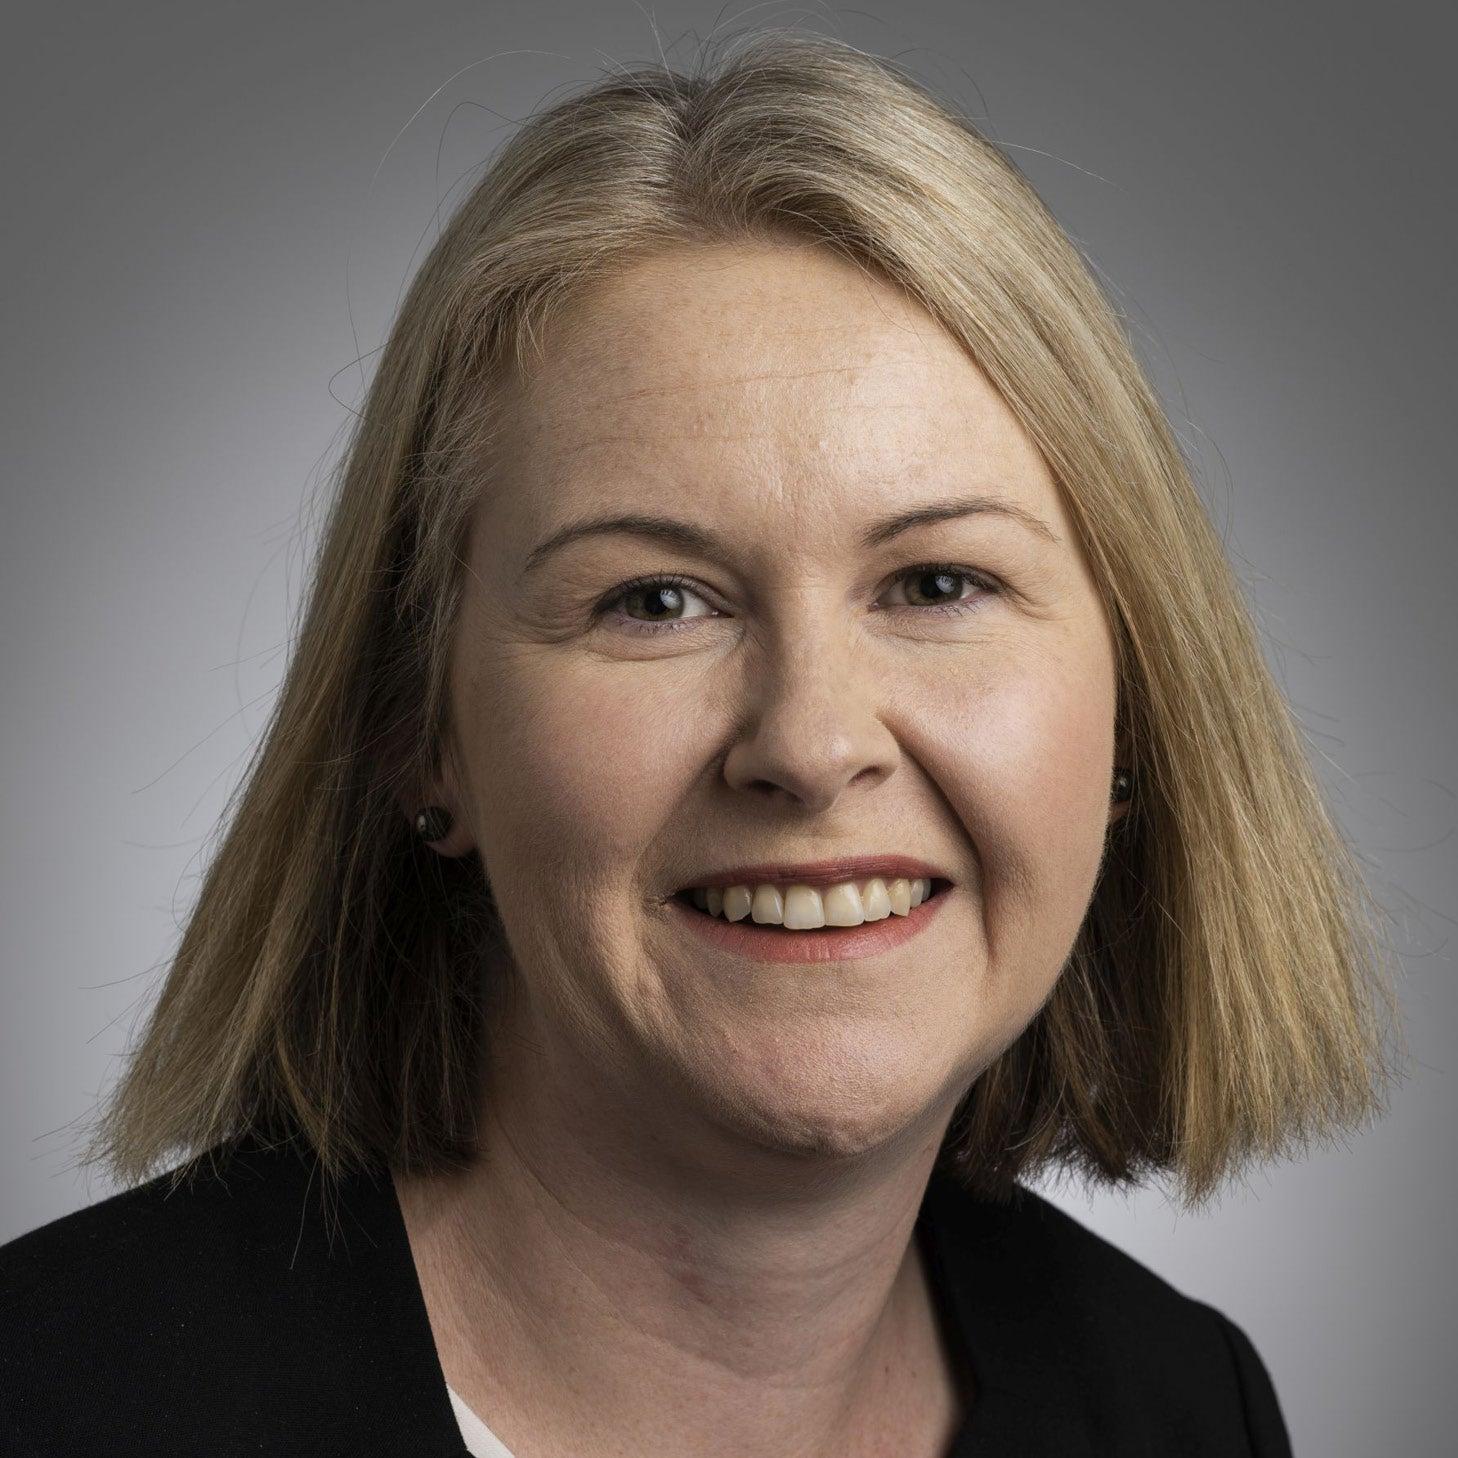 Sarah Lattimer